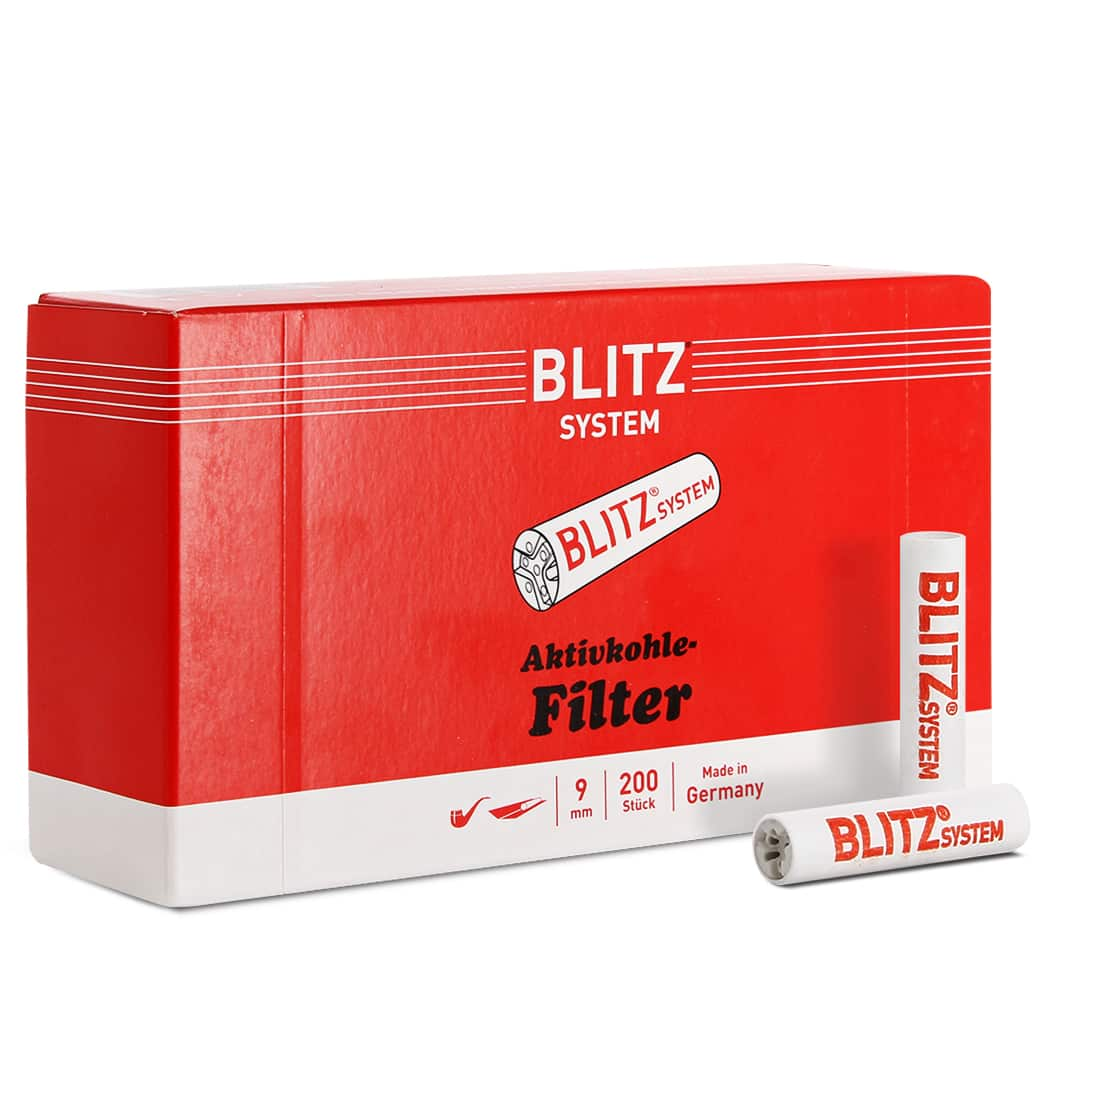 Photo de Filtres Blitz Charbon pour Pipe 9 mm